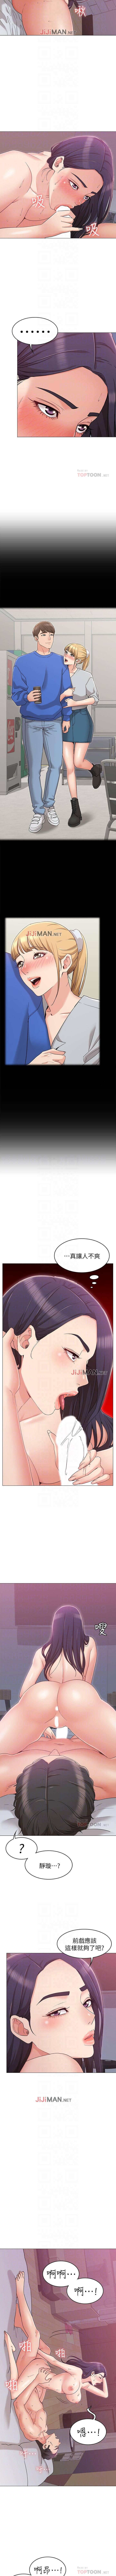 【周六连载】女友的姐姐(作者:橡果人&獵狗) 第1~23话 86